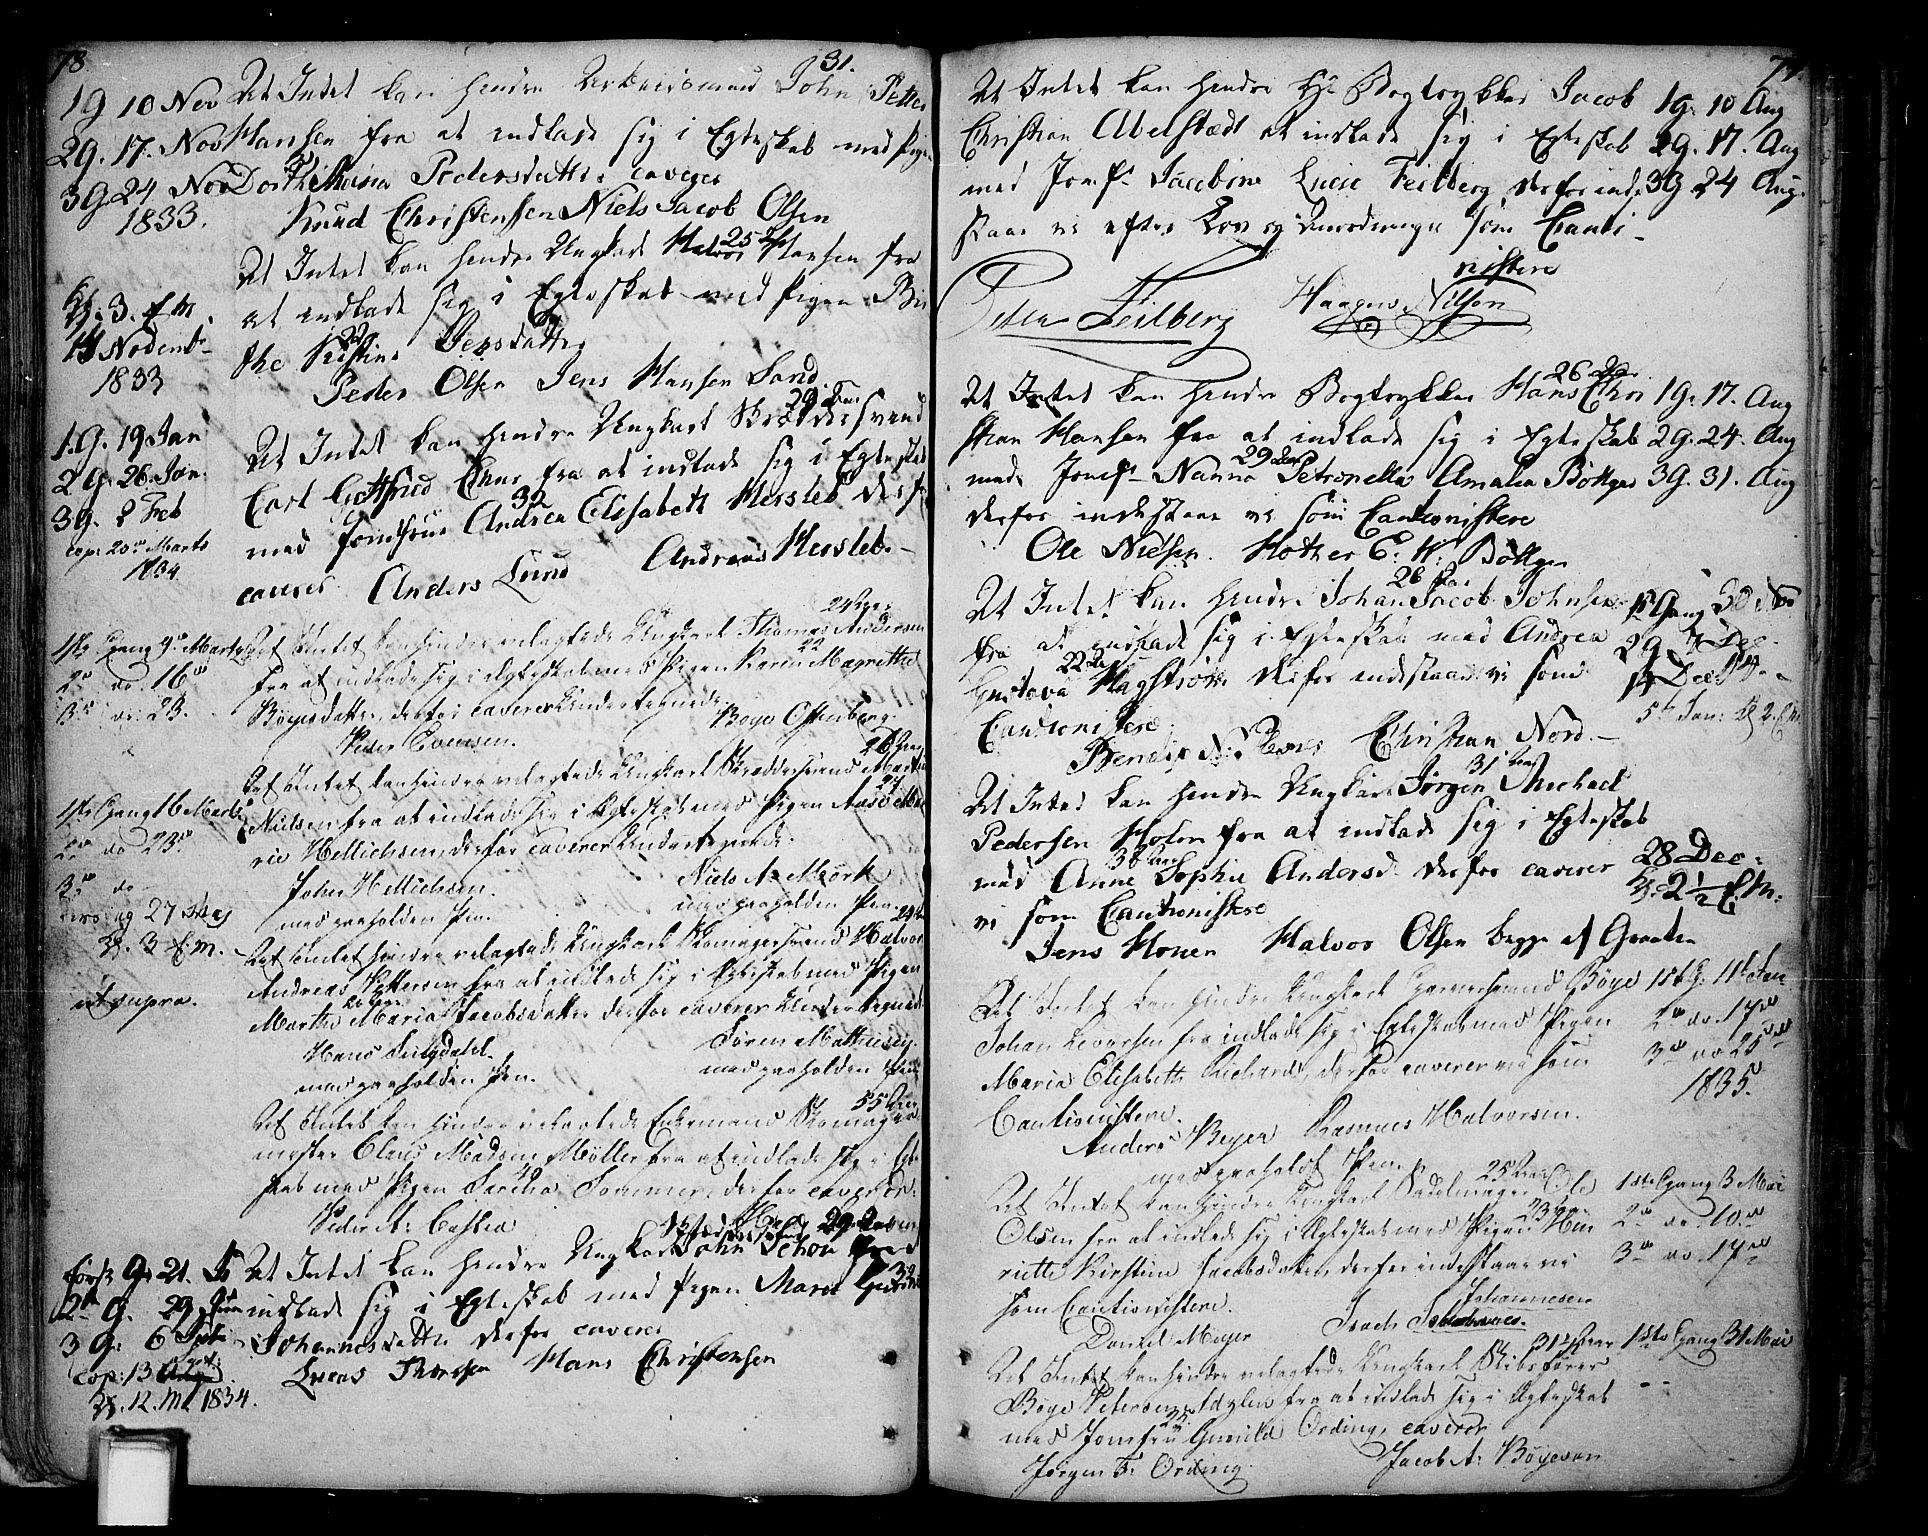 SAKO, Skien kirkebøker, F/Fa/L0004: Ministerialbok nr. 4, 1792-1814, s. 78-79